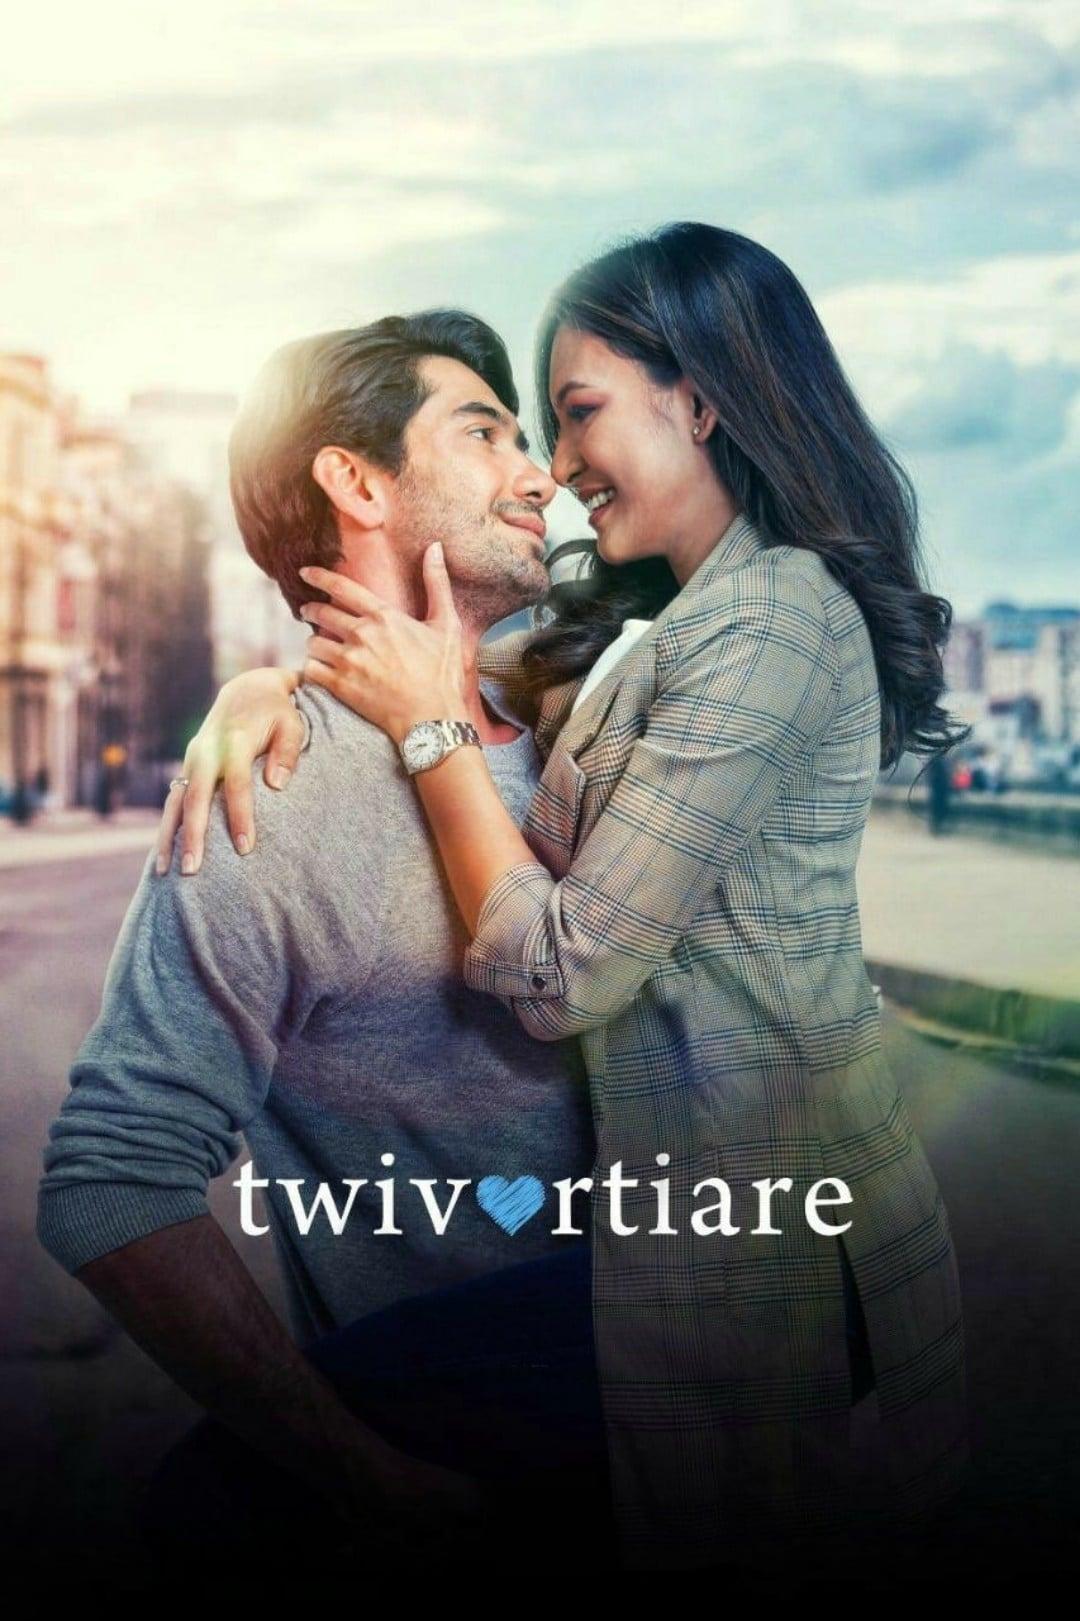 是否相爱就已足够 Twivortiare (2019) Netflix 中文字幕